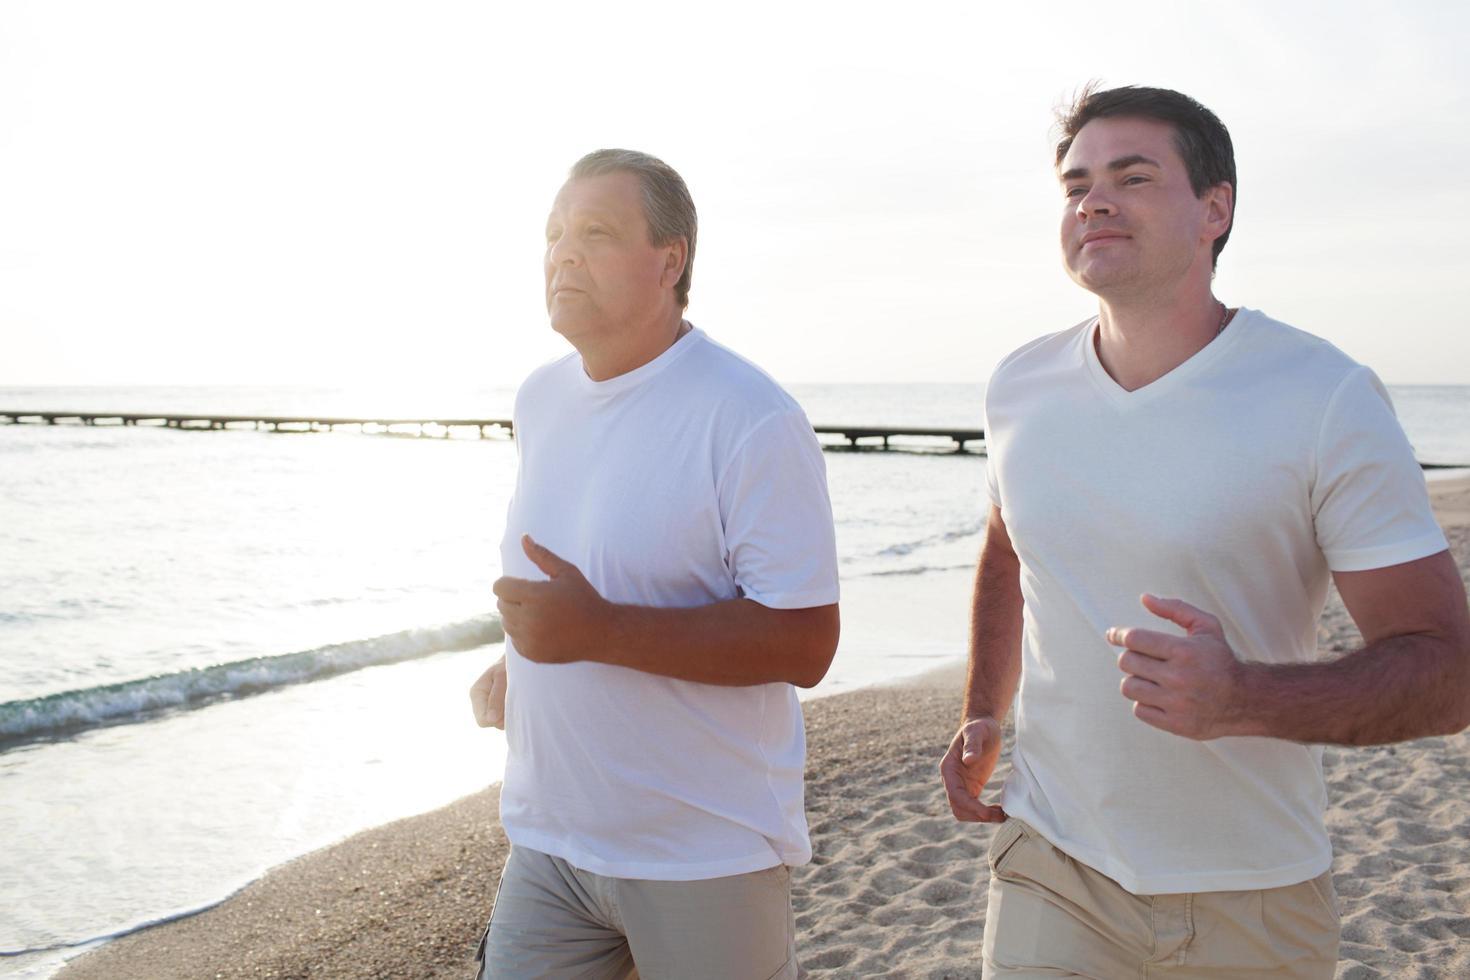 deux hommes courant le long de la côte en plein soleil photo